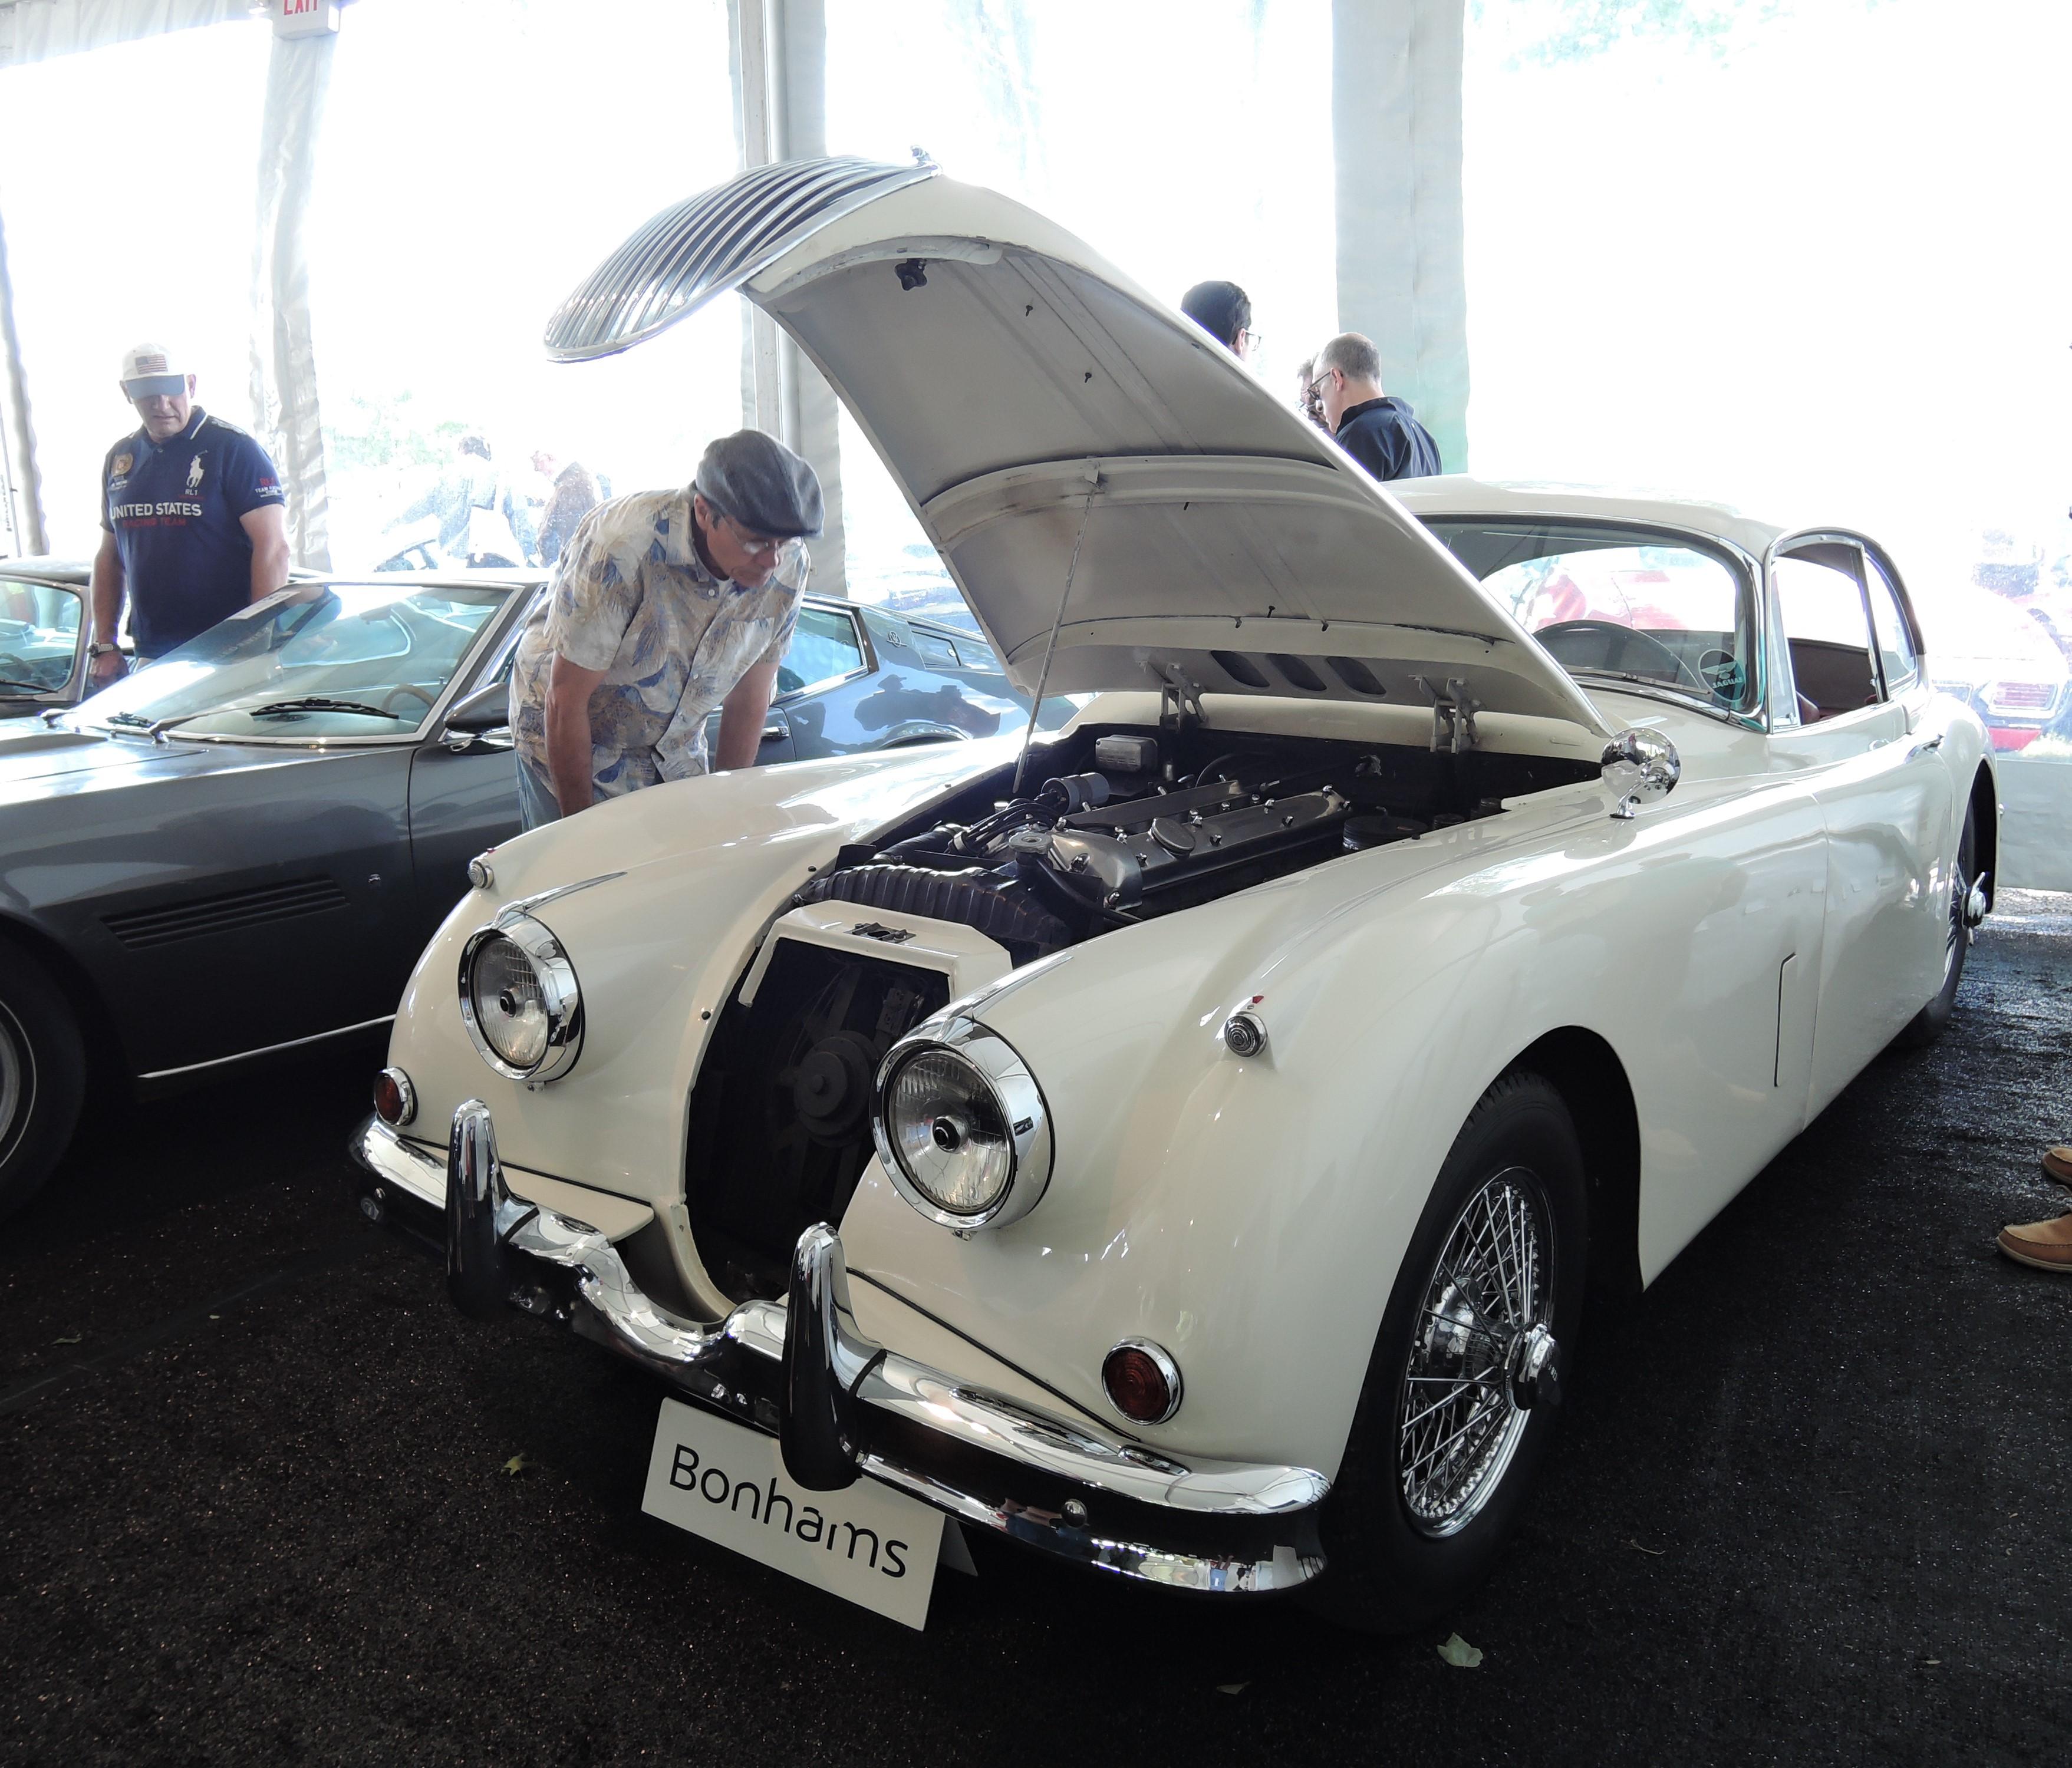 bonhams white 1957 Jaguar XK150 3.4 Fixed Head Coupe - Greenwich Concours d'Elegance 2017